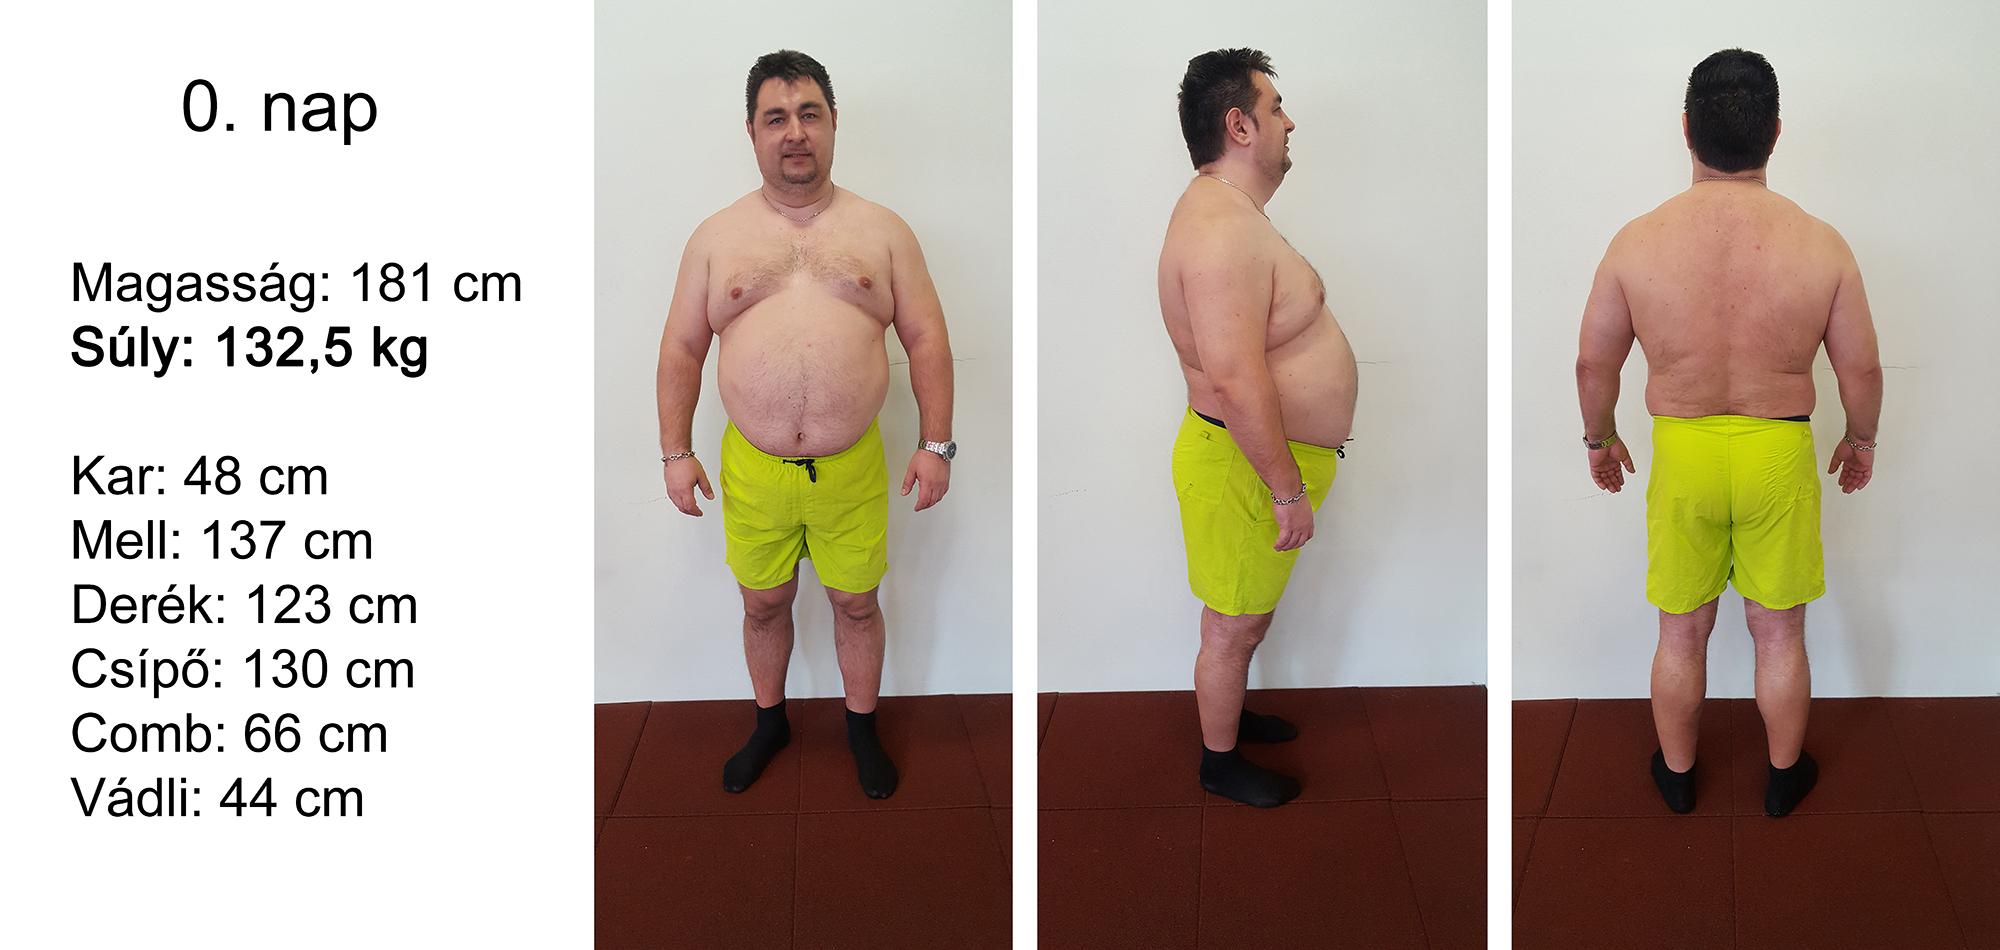 Két hét maximális fogyás, Fogyj egyszerűen 2 hét alatt 3 kilót!